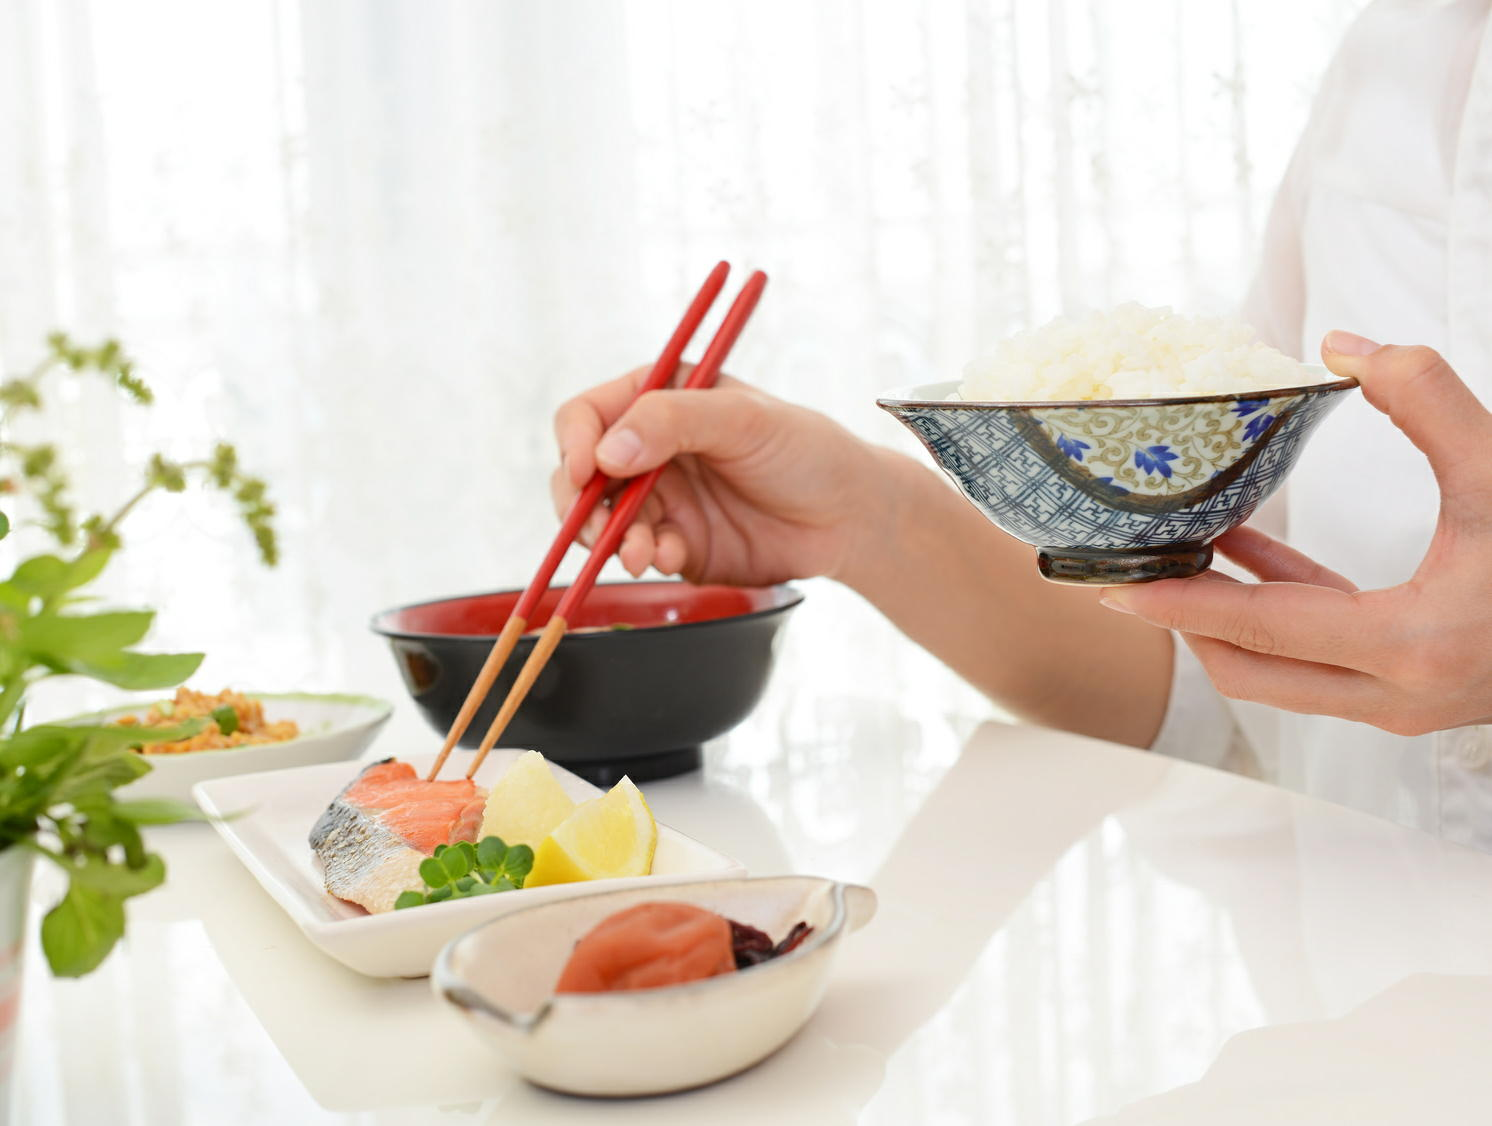 魚のDHAやEPAは朝に摂ると良い 「時間栄養学」が影響